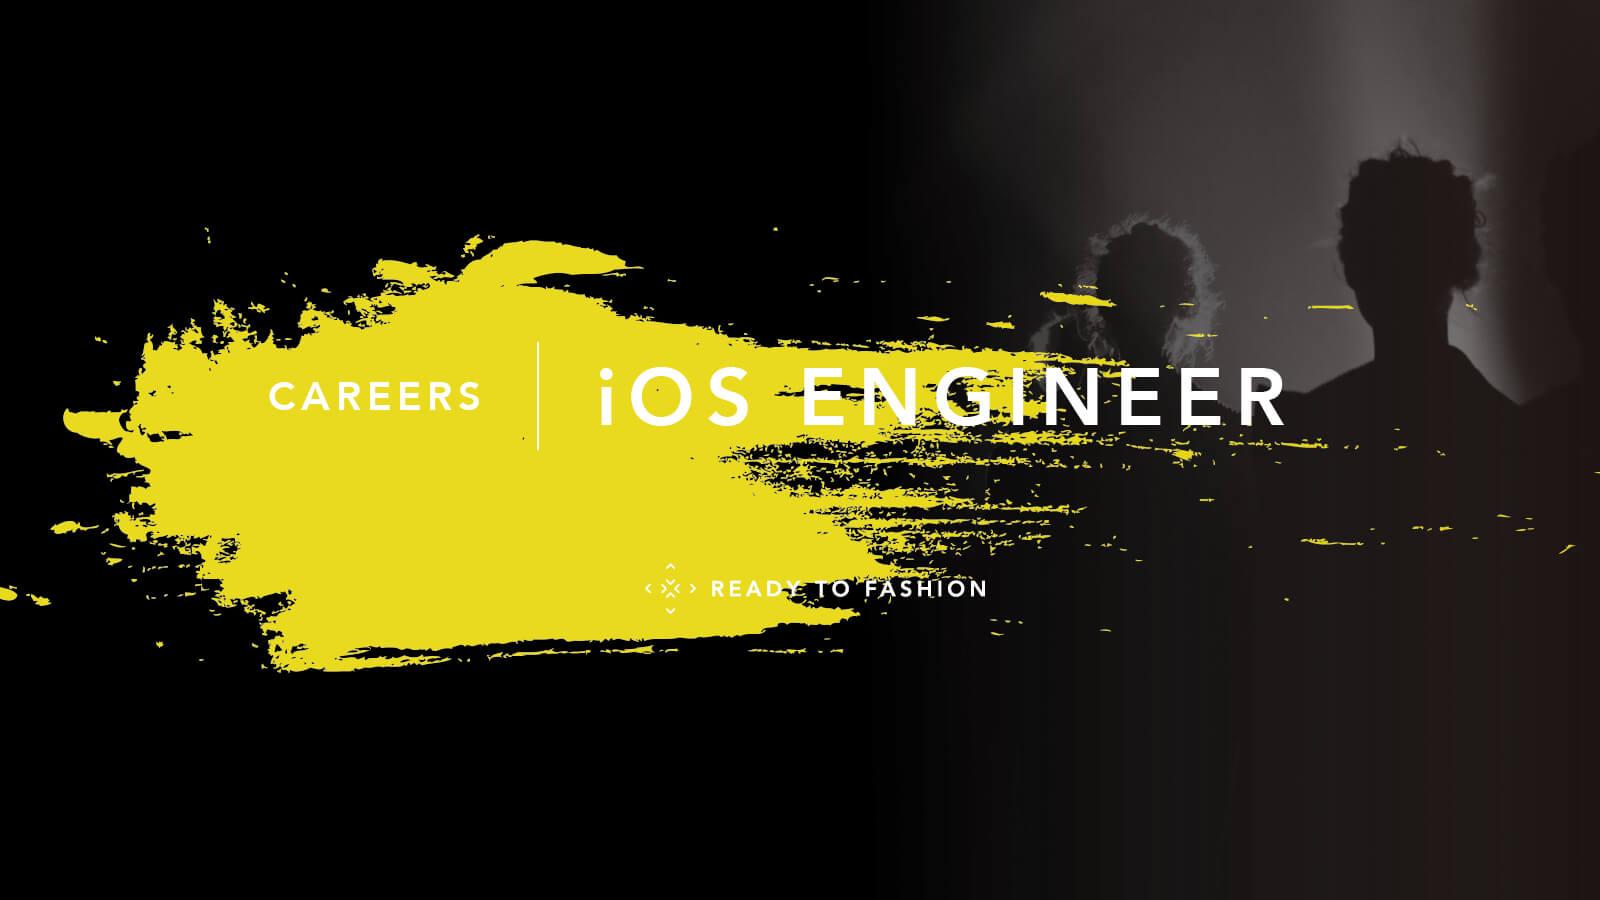 自社サービスの iOS アプリを開発したい、iOS エンジニアインターンを募集!のカバー写真